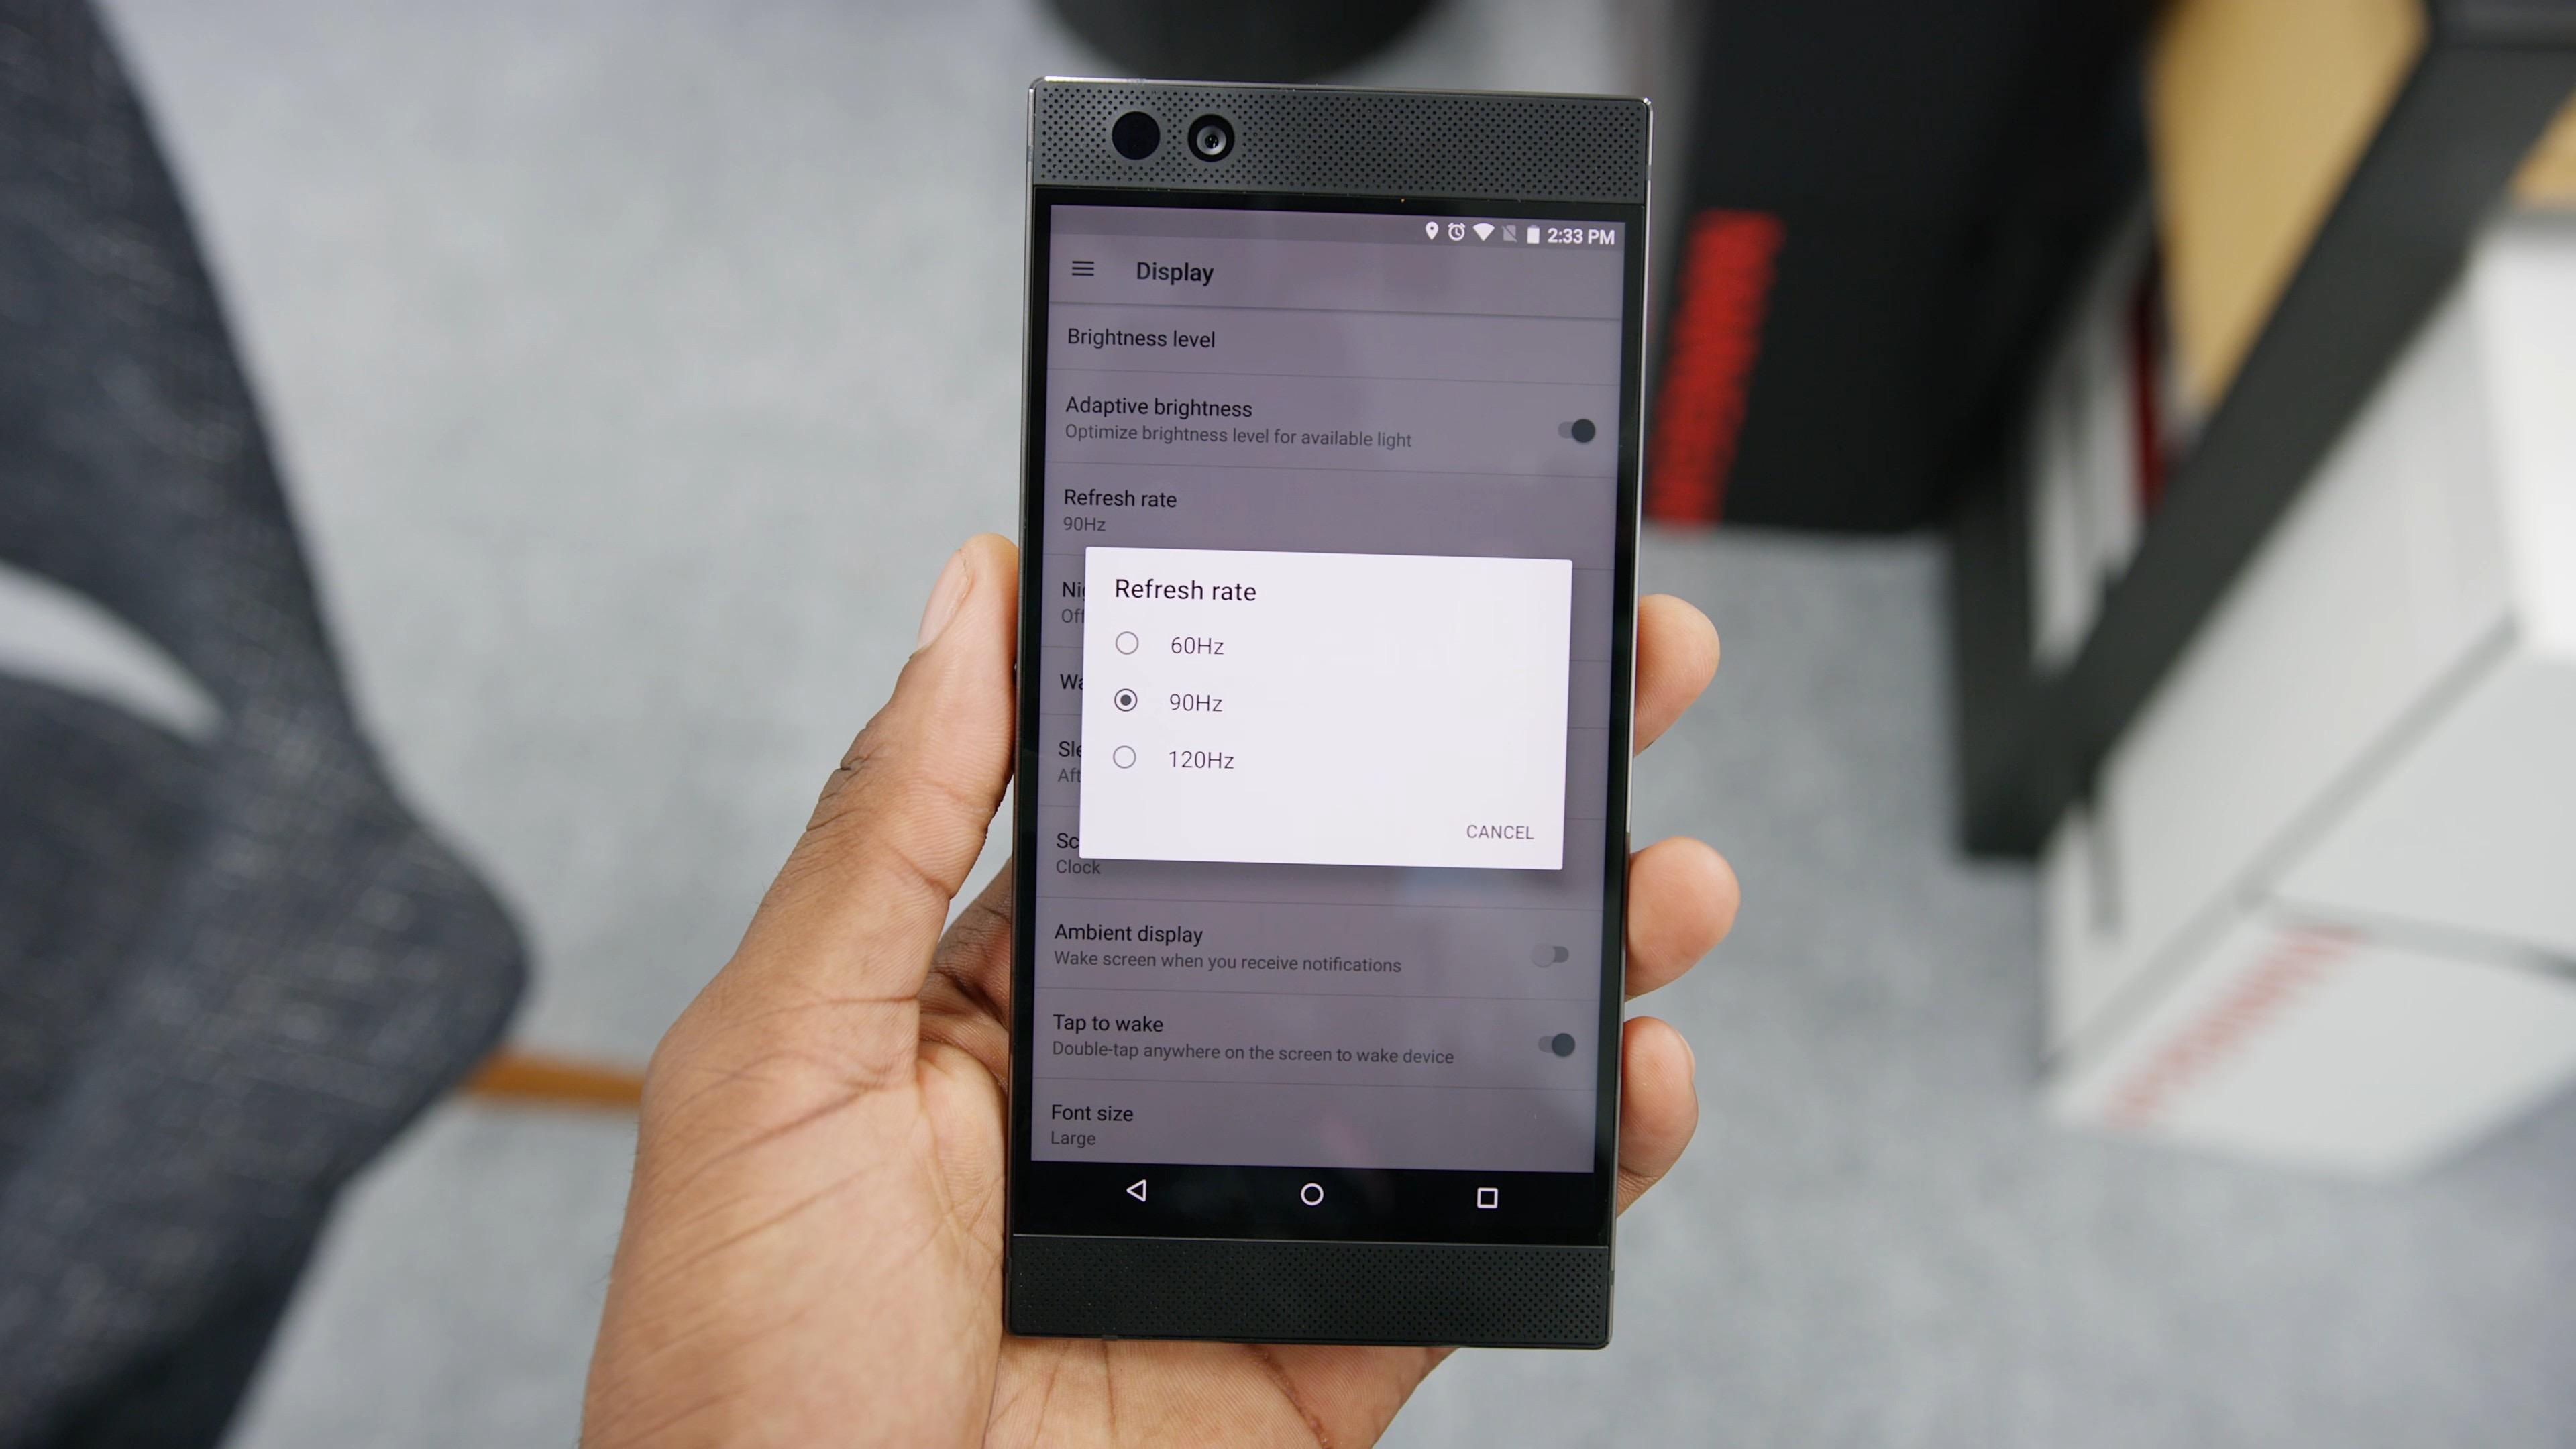 Par défaut, le smartphone tourne à 95Hz pour économiser sa batterie, mais une option permet d'activer la meilleure vitesse. (image MKBHD). Cliquer pour agrandir